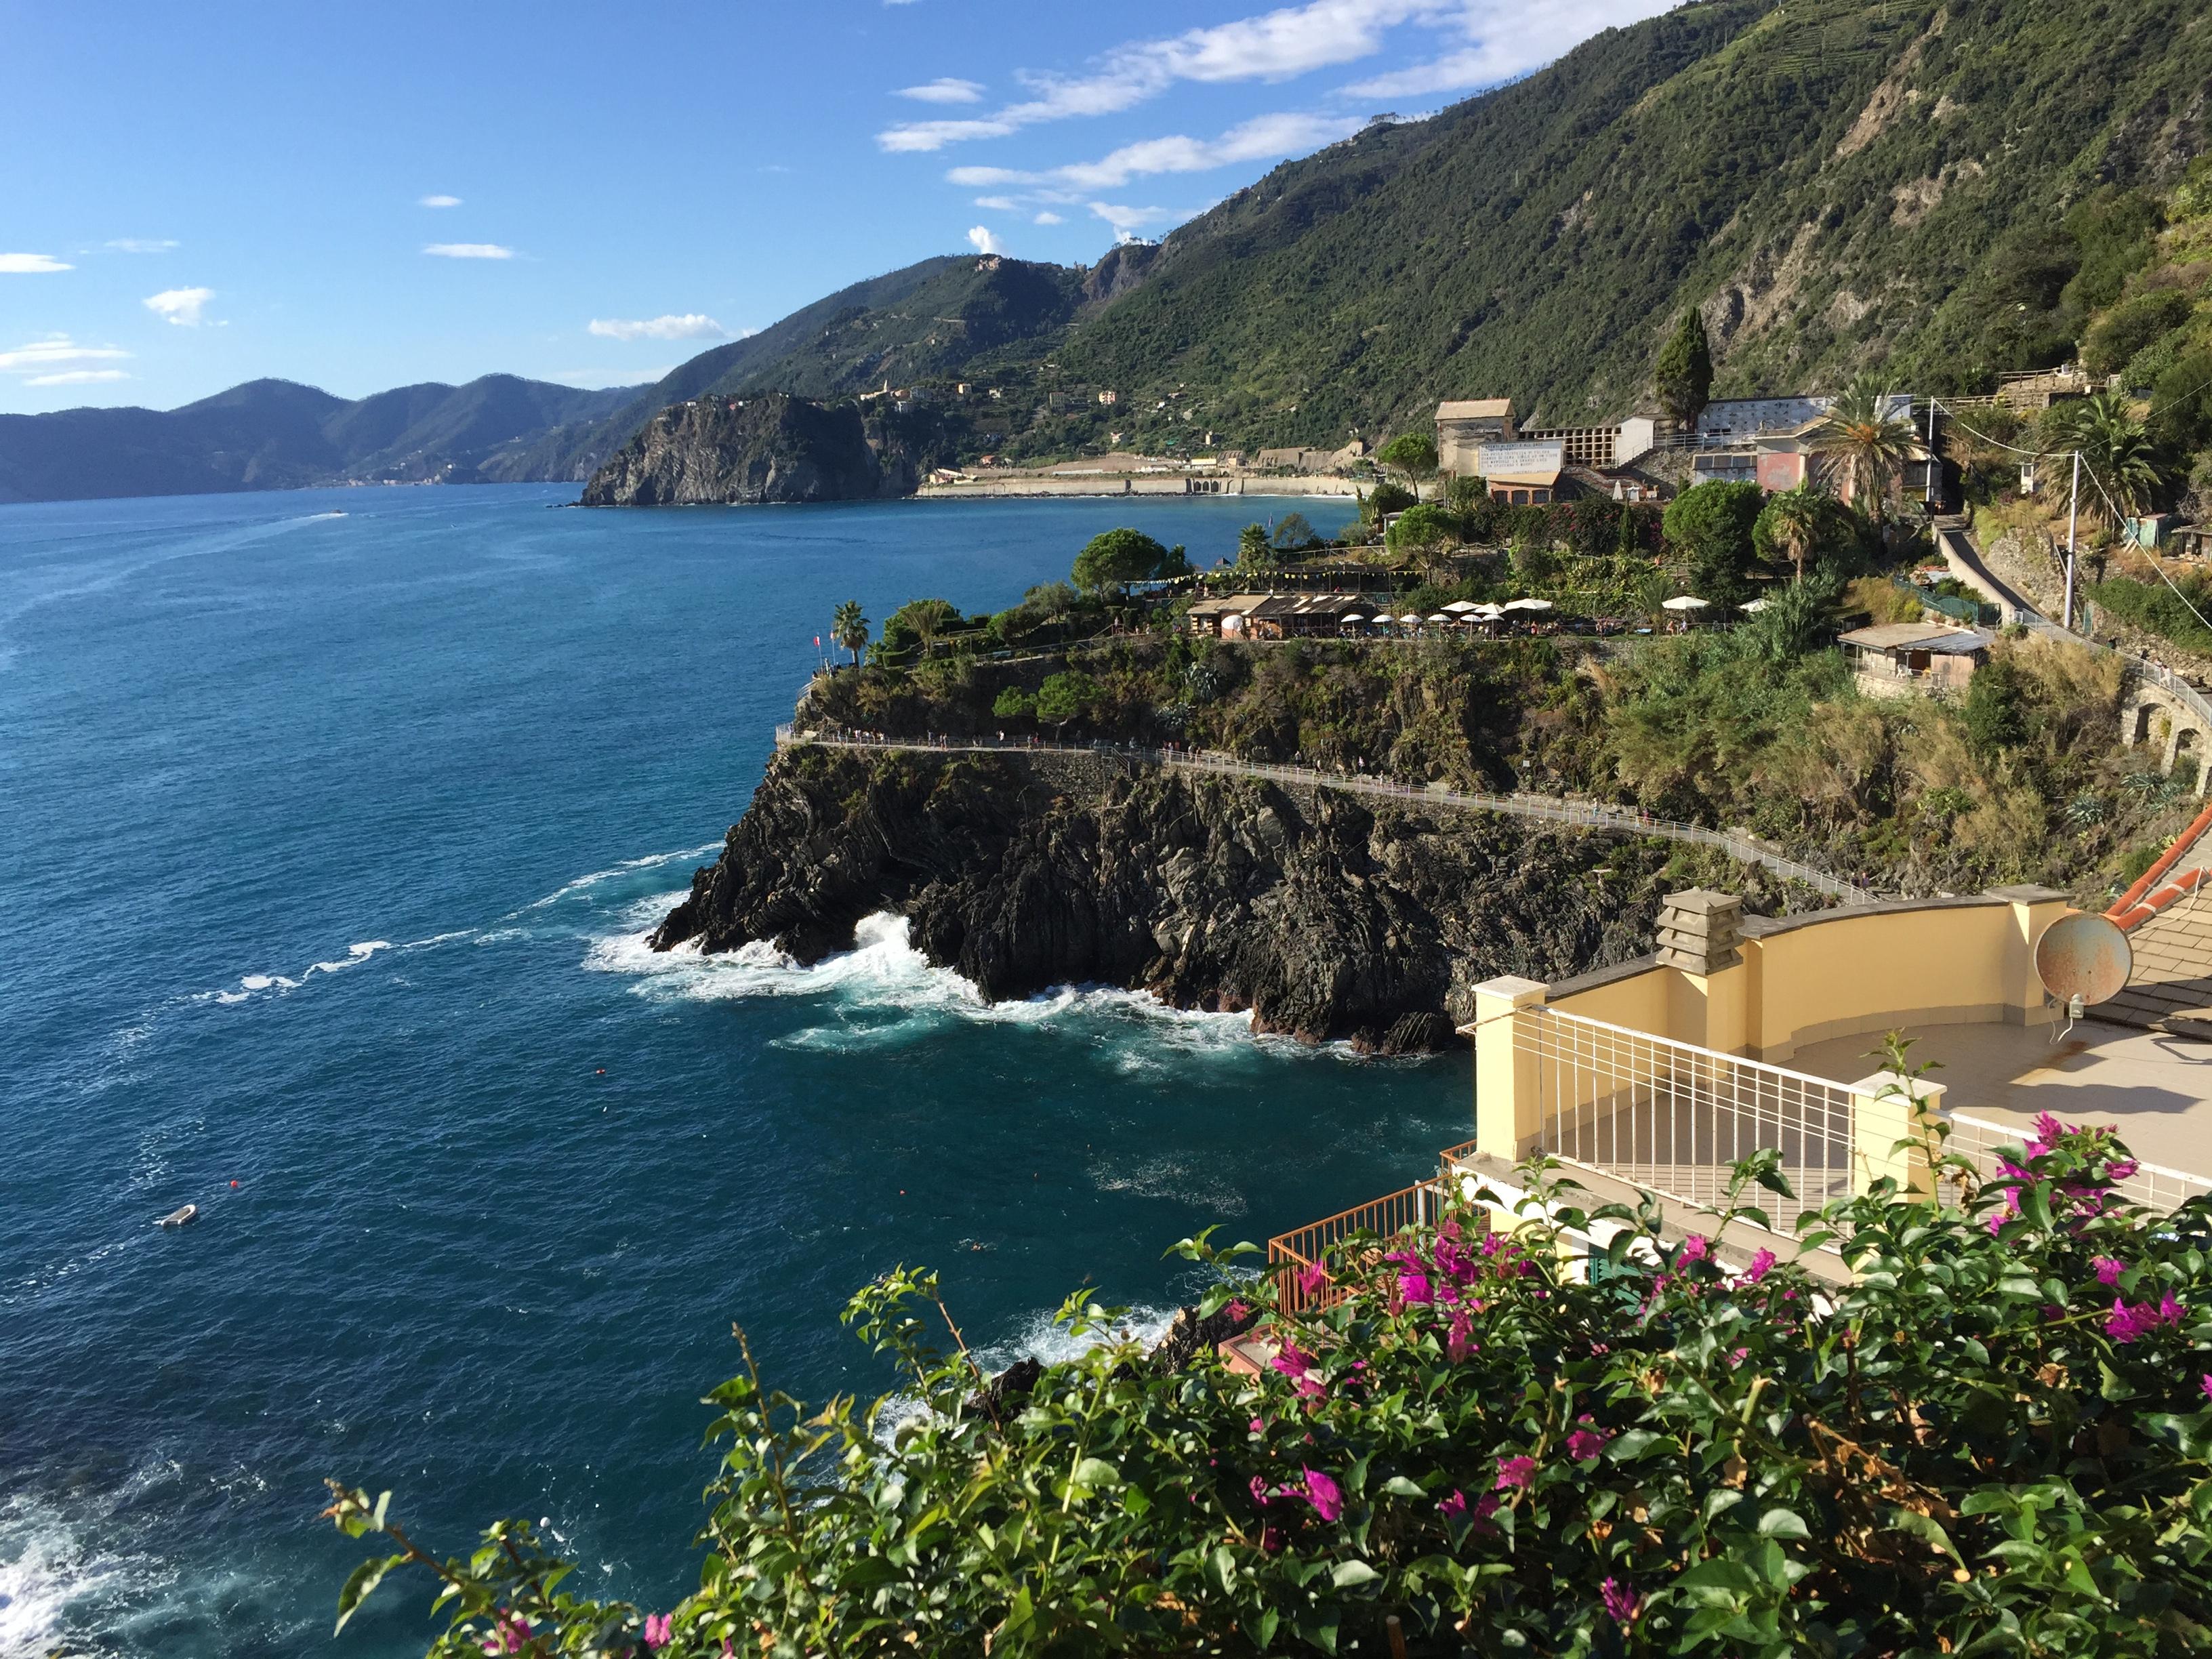 img 1307 - Cinqueterre: Que hacer, como ir y moverse